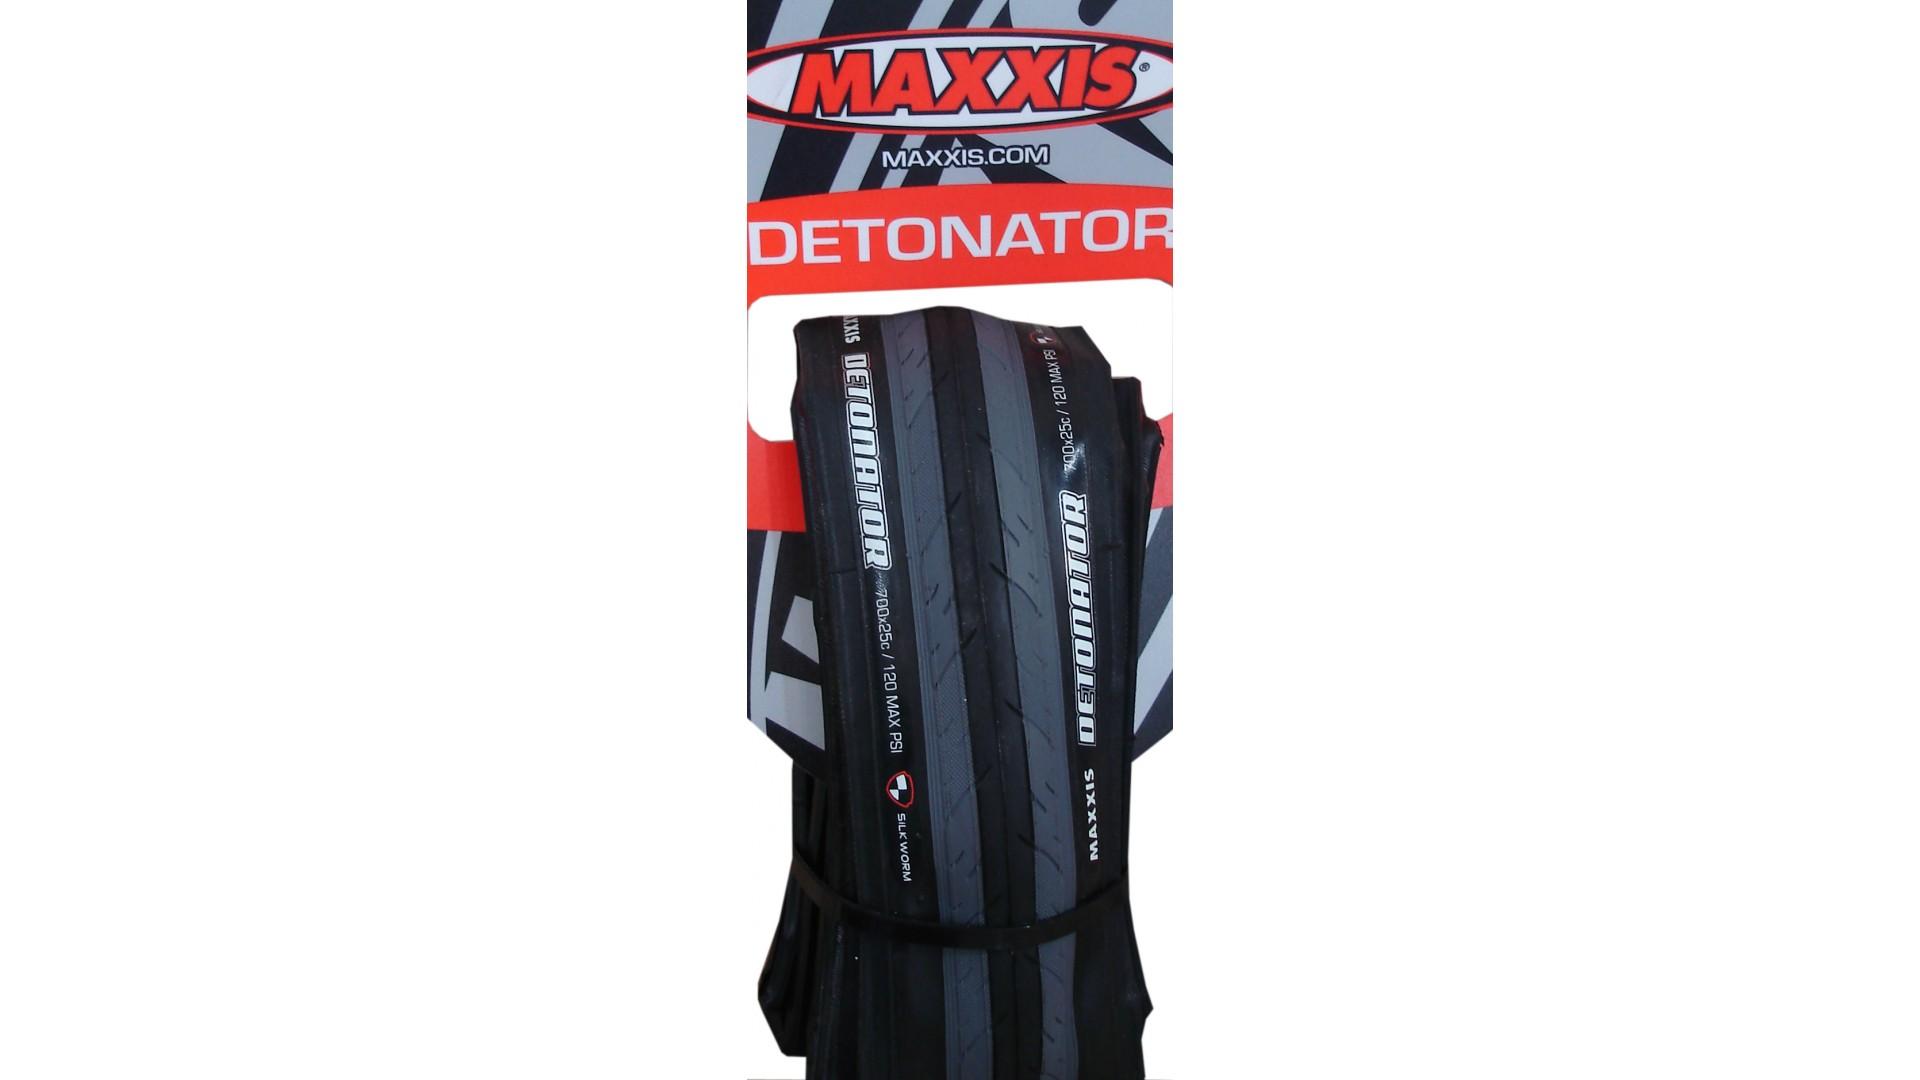 Покрышка Maxxis Detonator 700x25 черно-серая